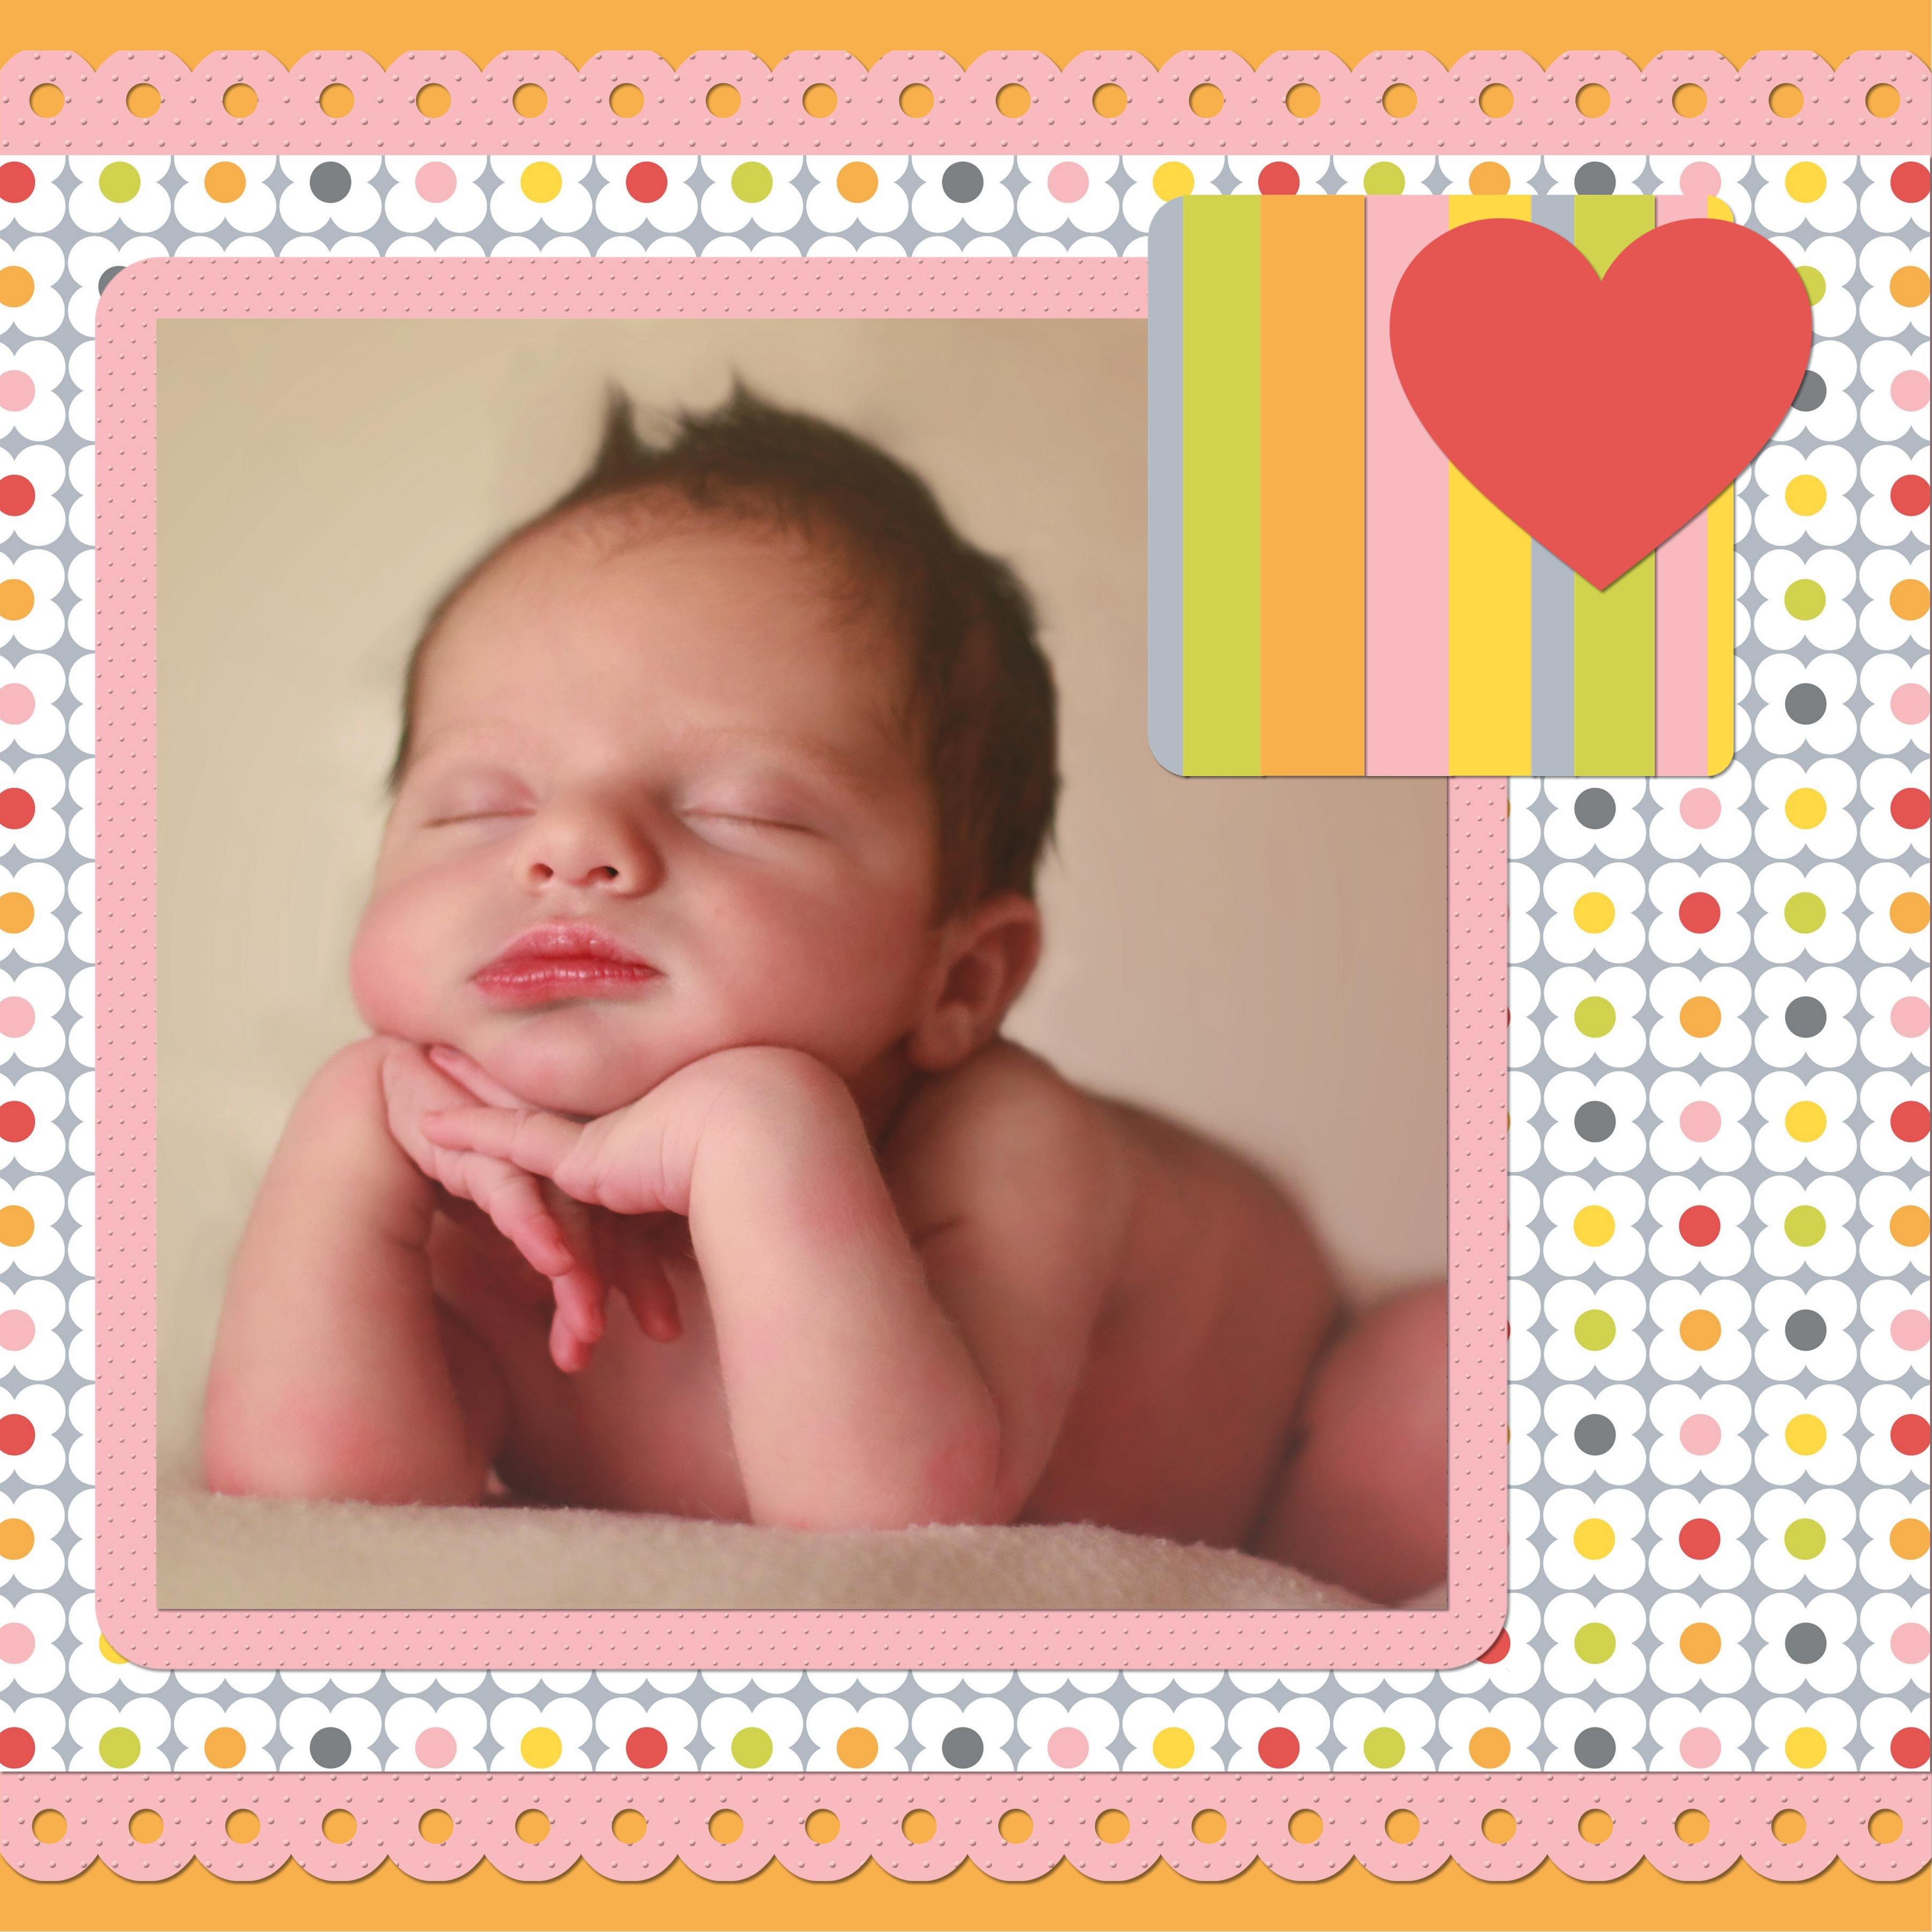 BabyGirl - Page 006.jpg